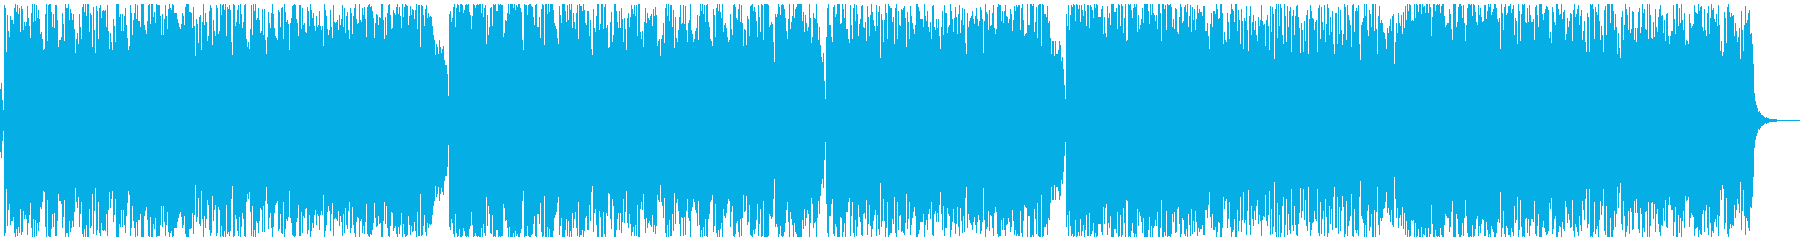 ほんのり哀愁漂うテクノポップの再生済みの波形